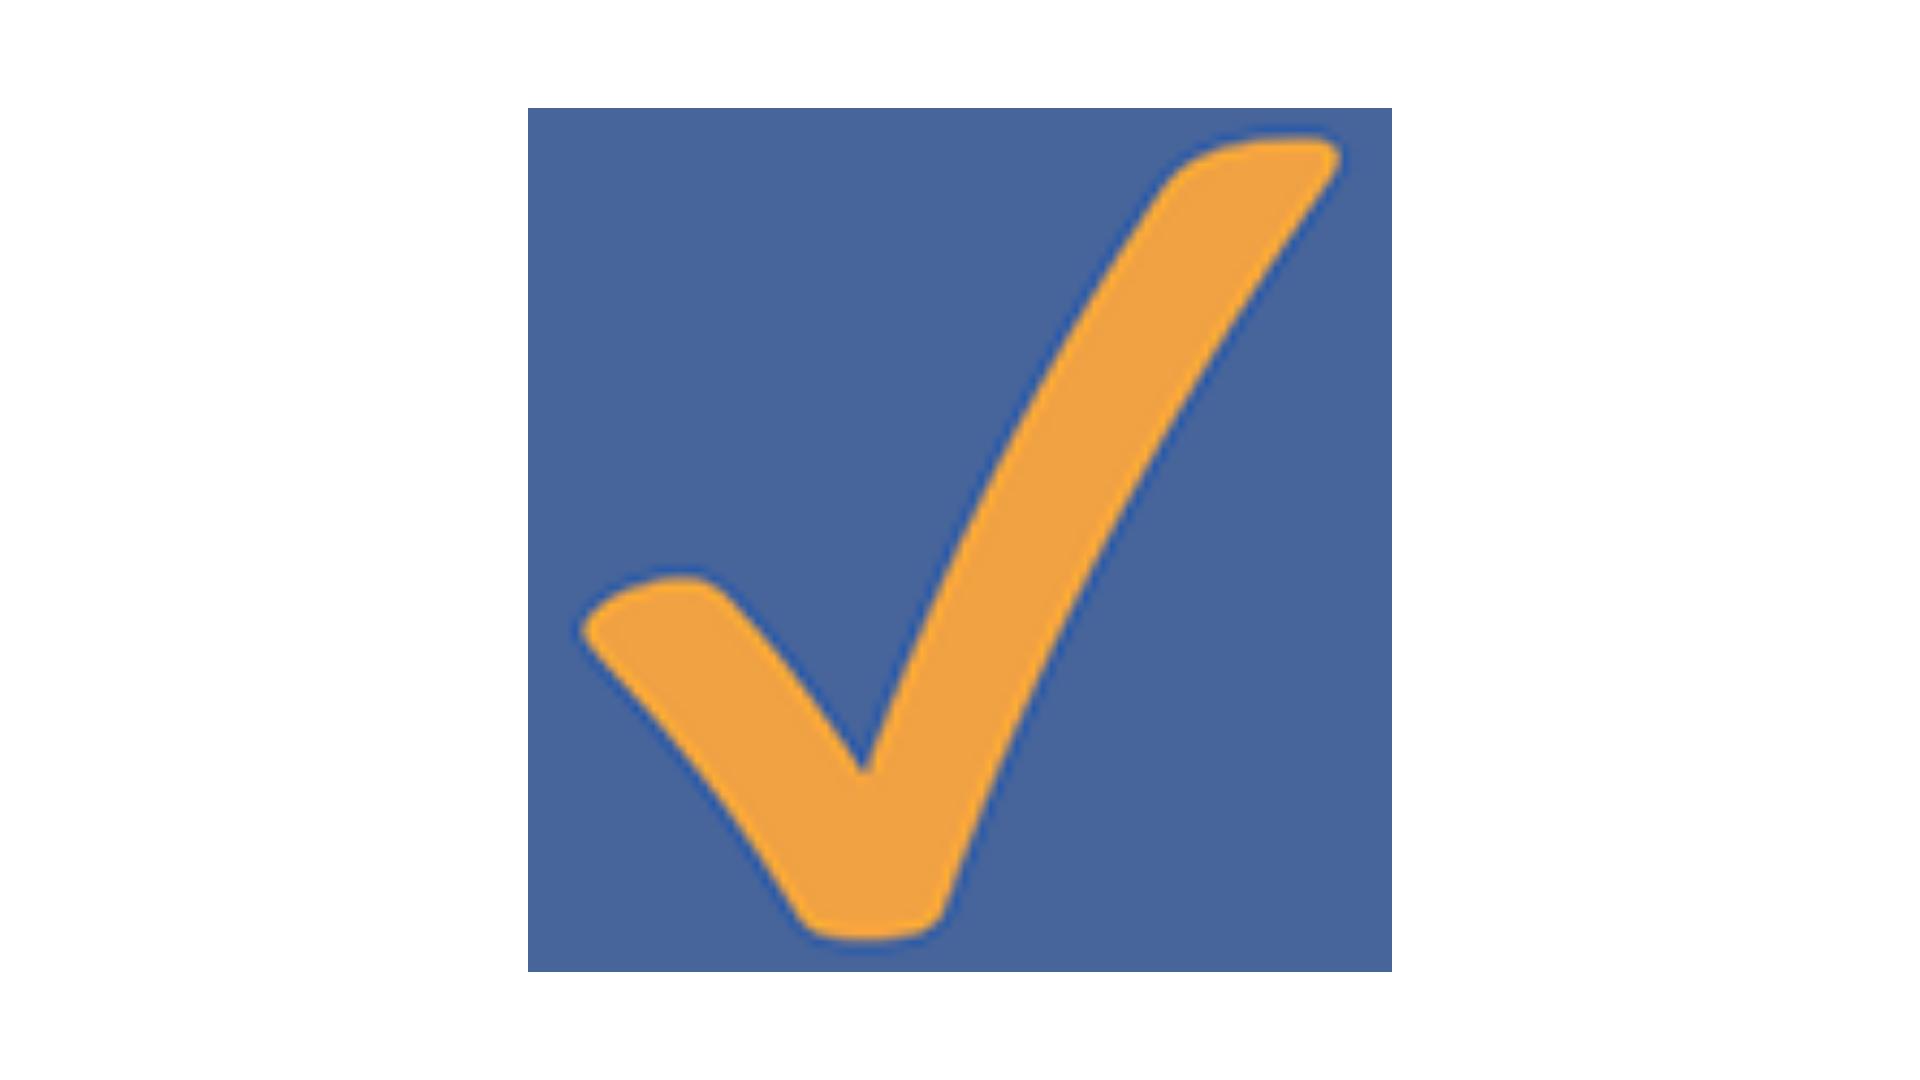 Online-Content-Marketing-für-Berichtsheft-Pro-2 (1)